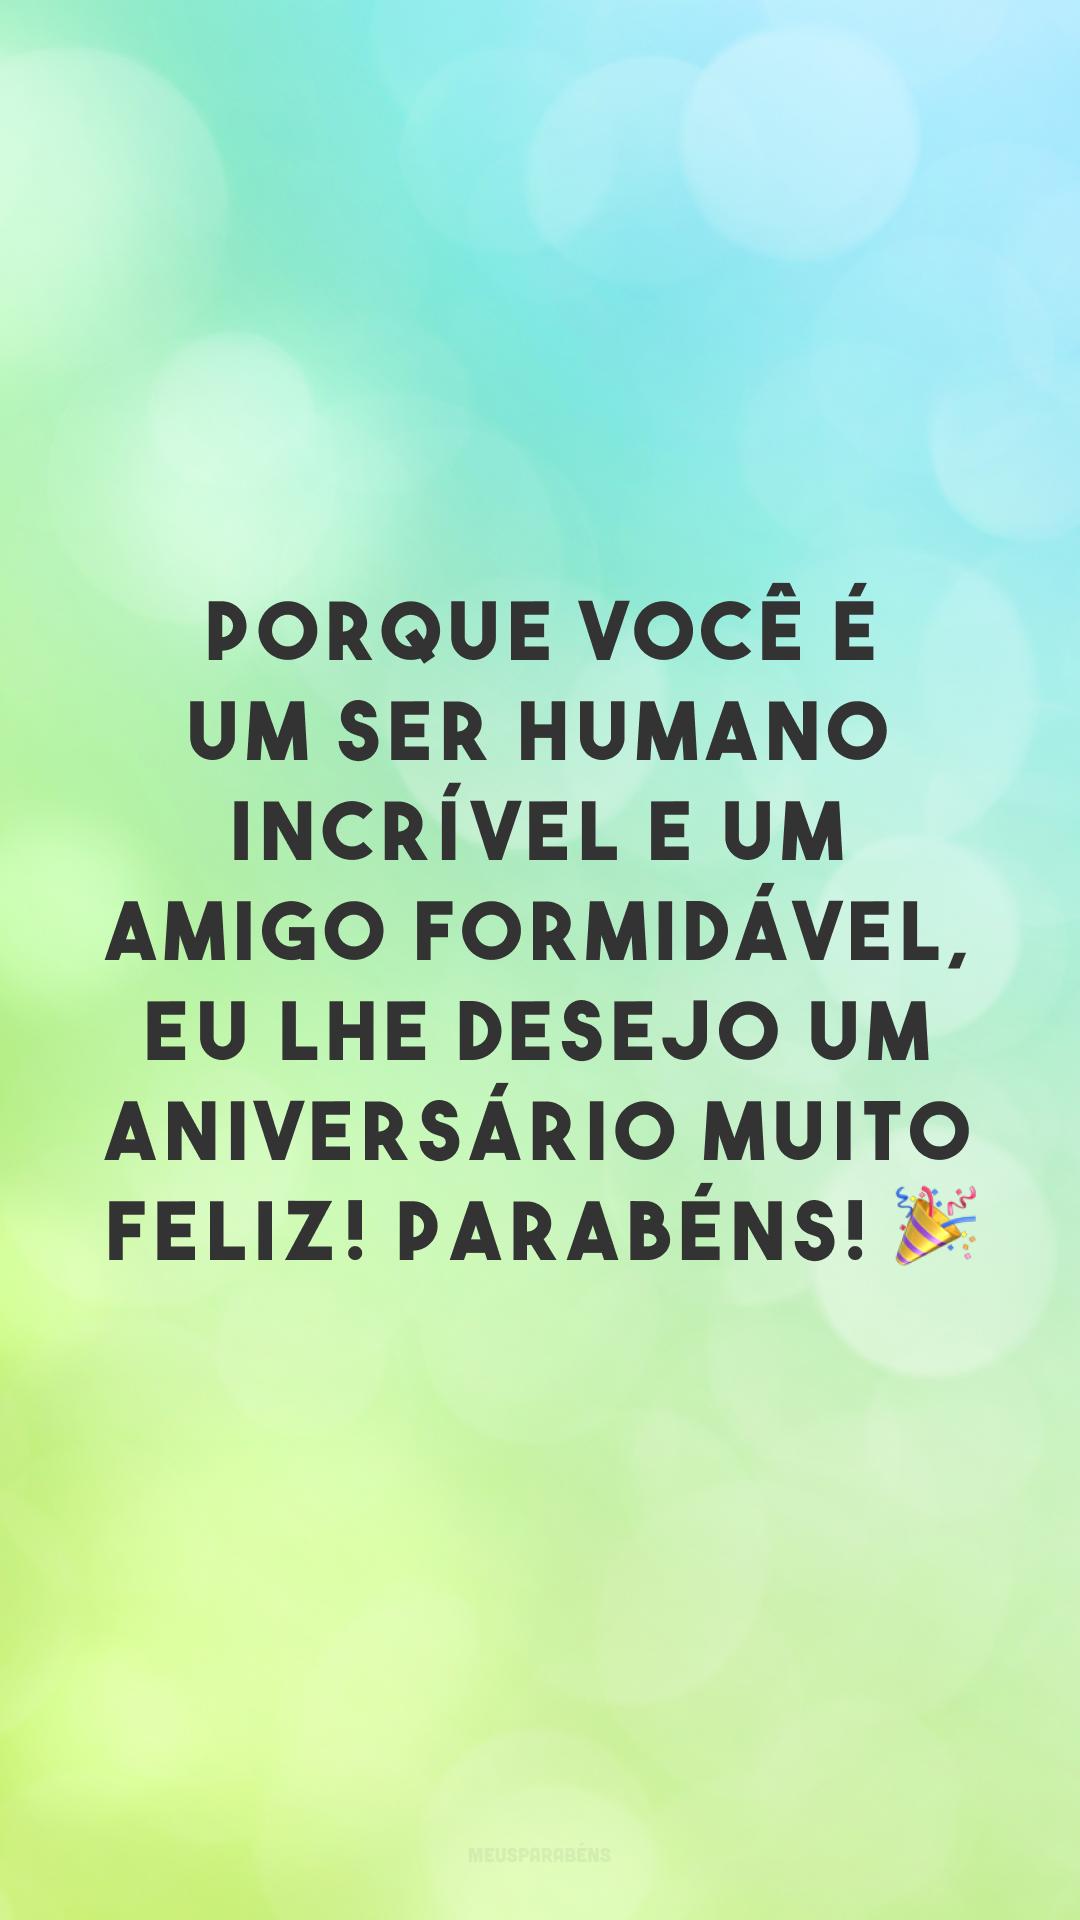 Porque você é um ser humano incrível e um amigo formidável, eu lhe desejo um aniversário muito feliz! Parabéns! 🎉